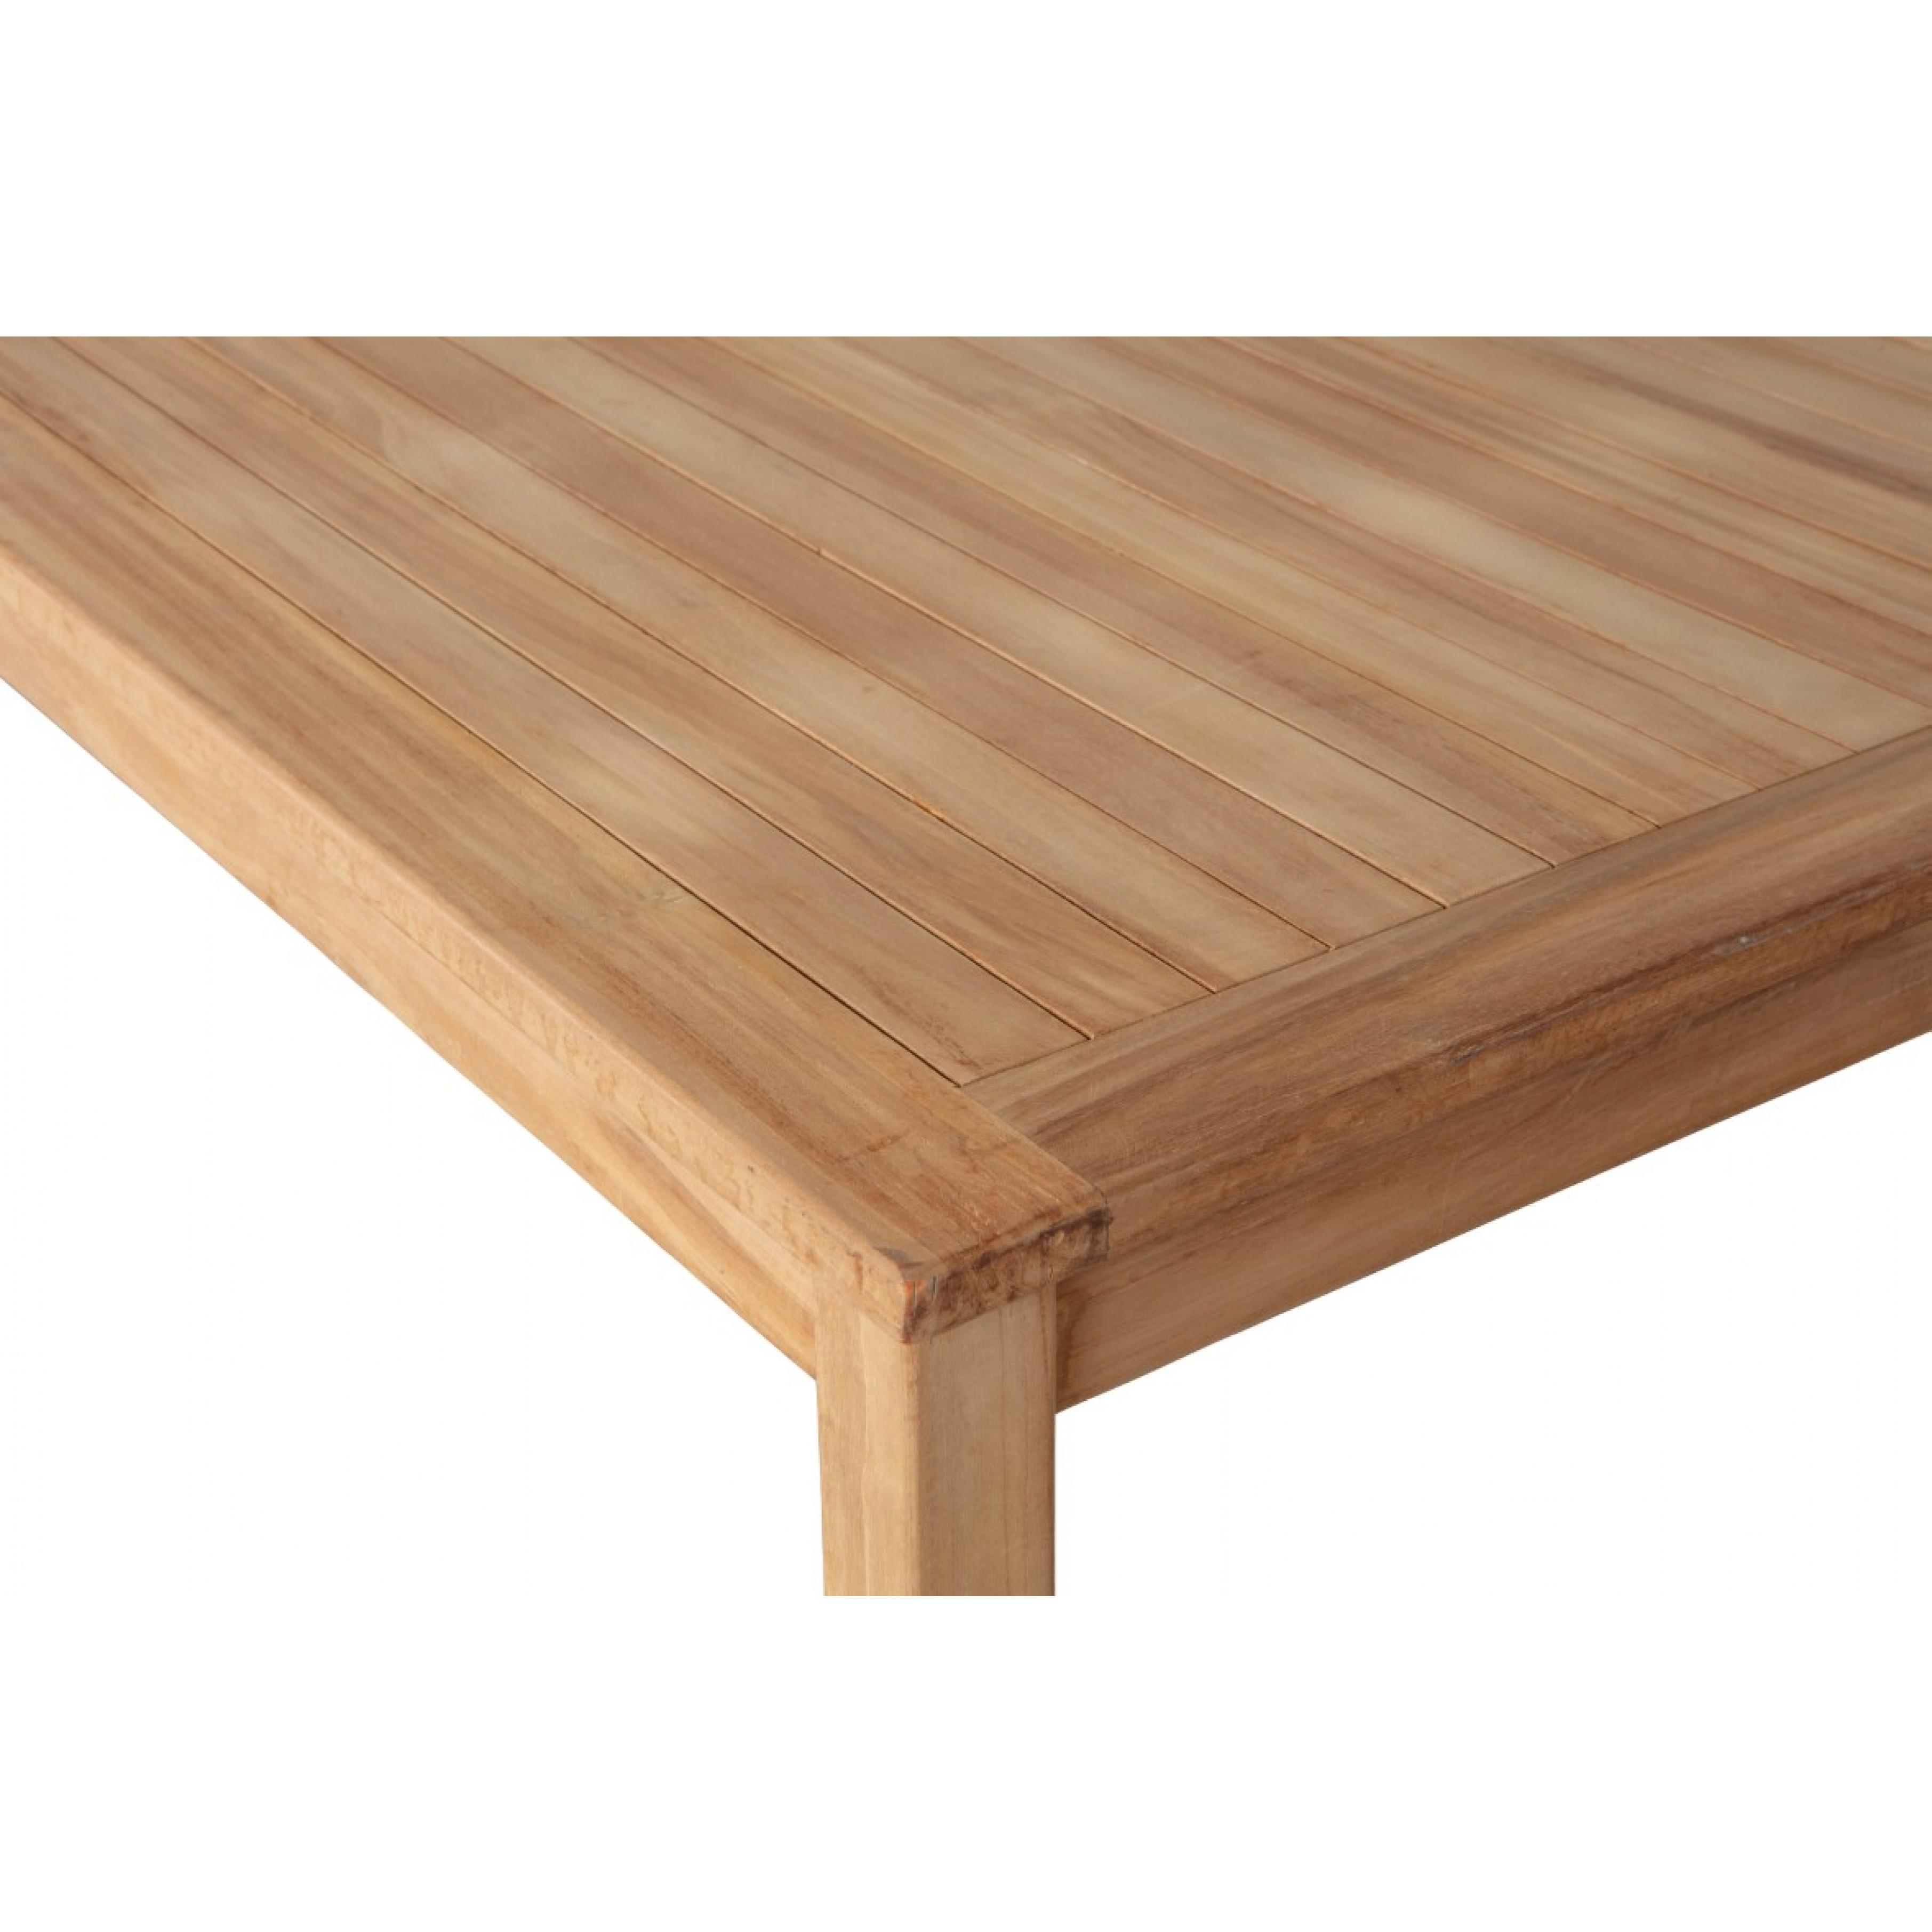 Jisse Garden Table Teak Natural 160cm | Natural